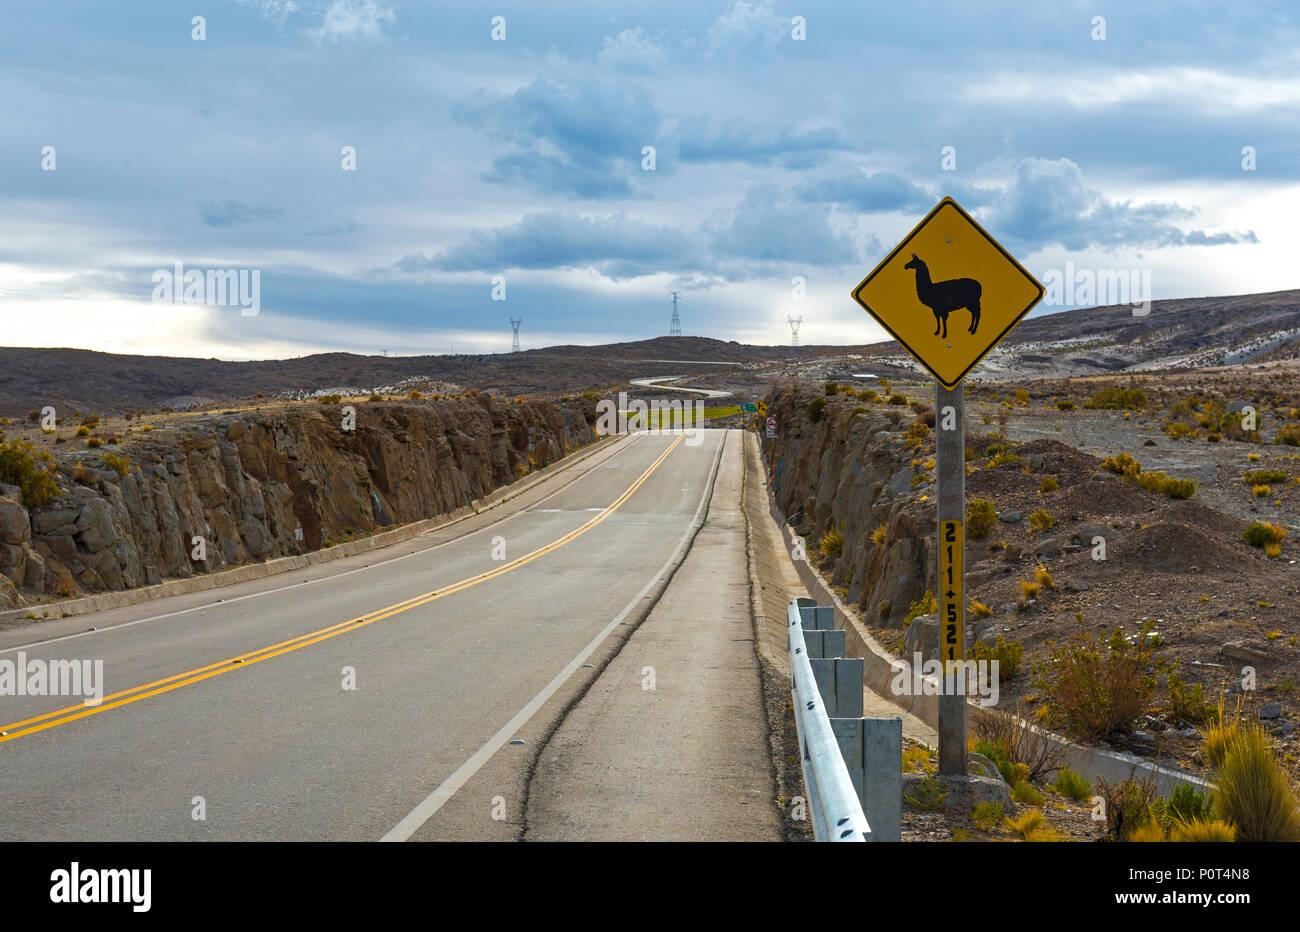 La llama y la alpaca en la señal de carretera en una remota carretera en Bolivia. Estas señales se encuentran en la cordillera de Los Andes de Bolivia, Ecuador, Perú y Chile. Imagen De Stock